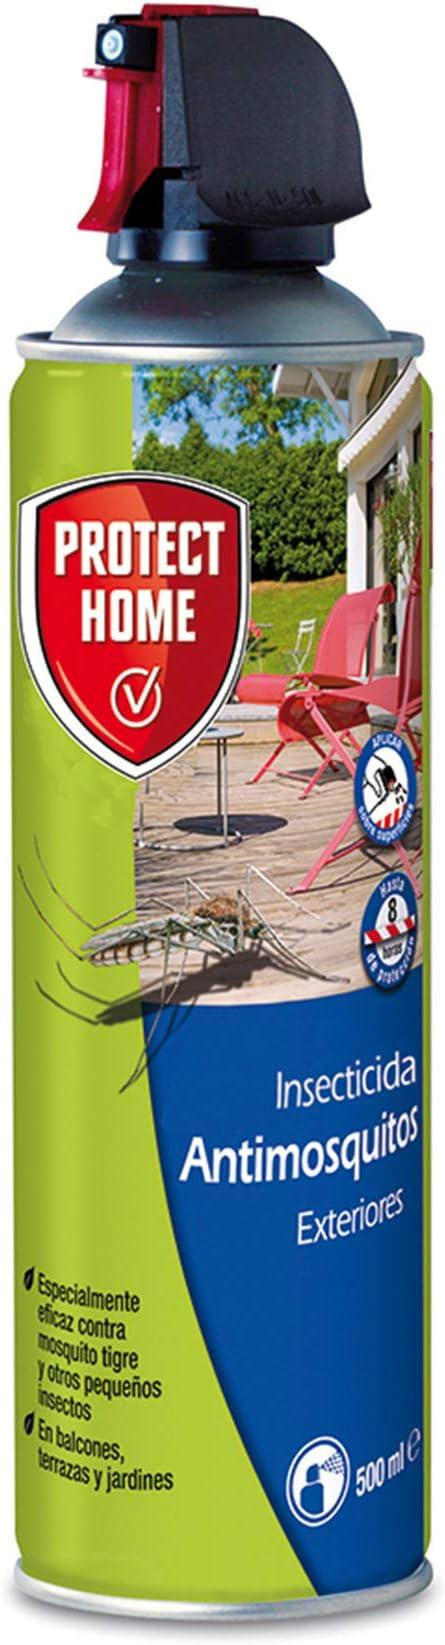 PROTECT HOME Antimosquitos Exteriores, Insecticida Persistente, Ideal para Mosquitos Tigre y Moscas, 500 ml (Pack de 2), Azul: Amazon.es: Jardín